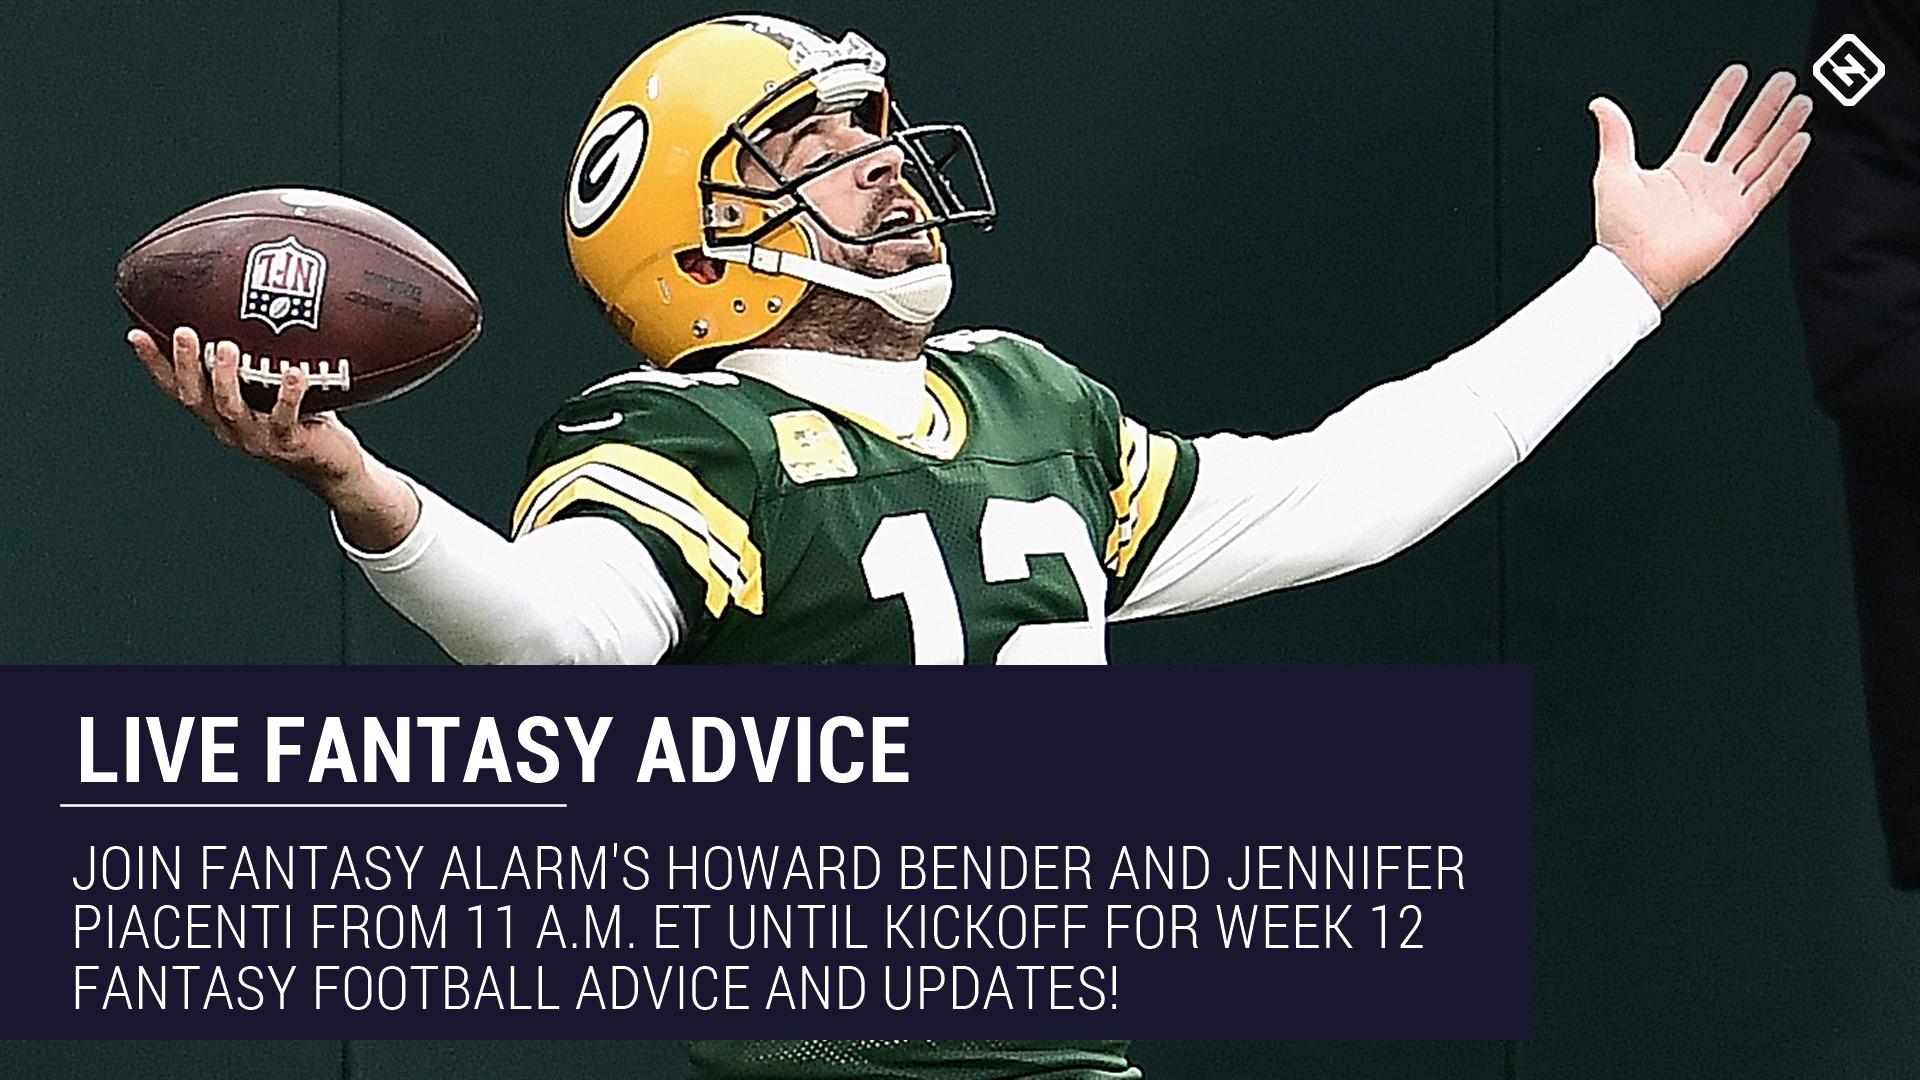 Live Week 12 Fantasy Football Advice: Injury updates, start 'em sit 'em, NFL DFS tips, more